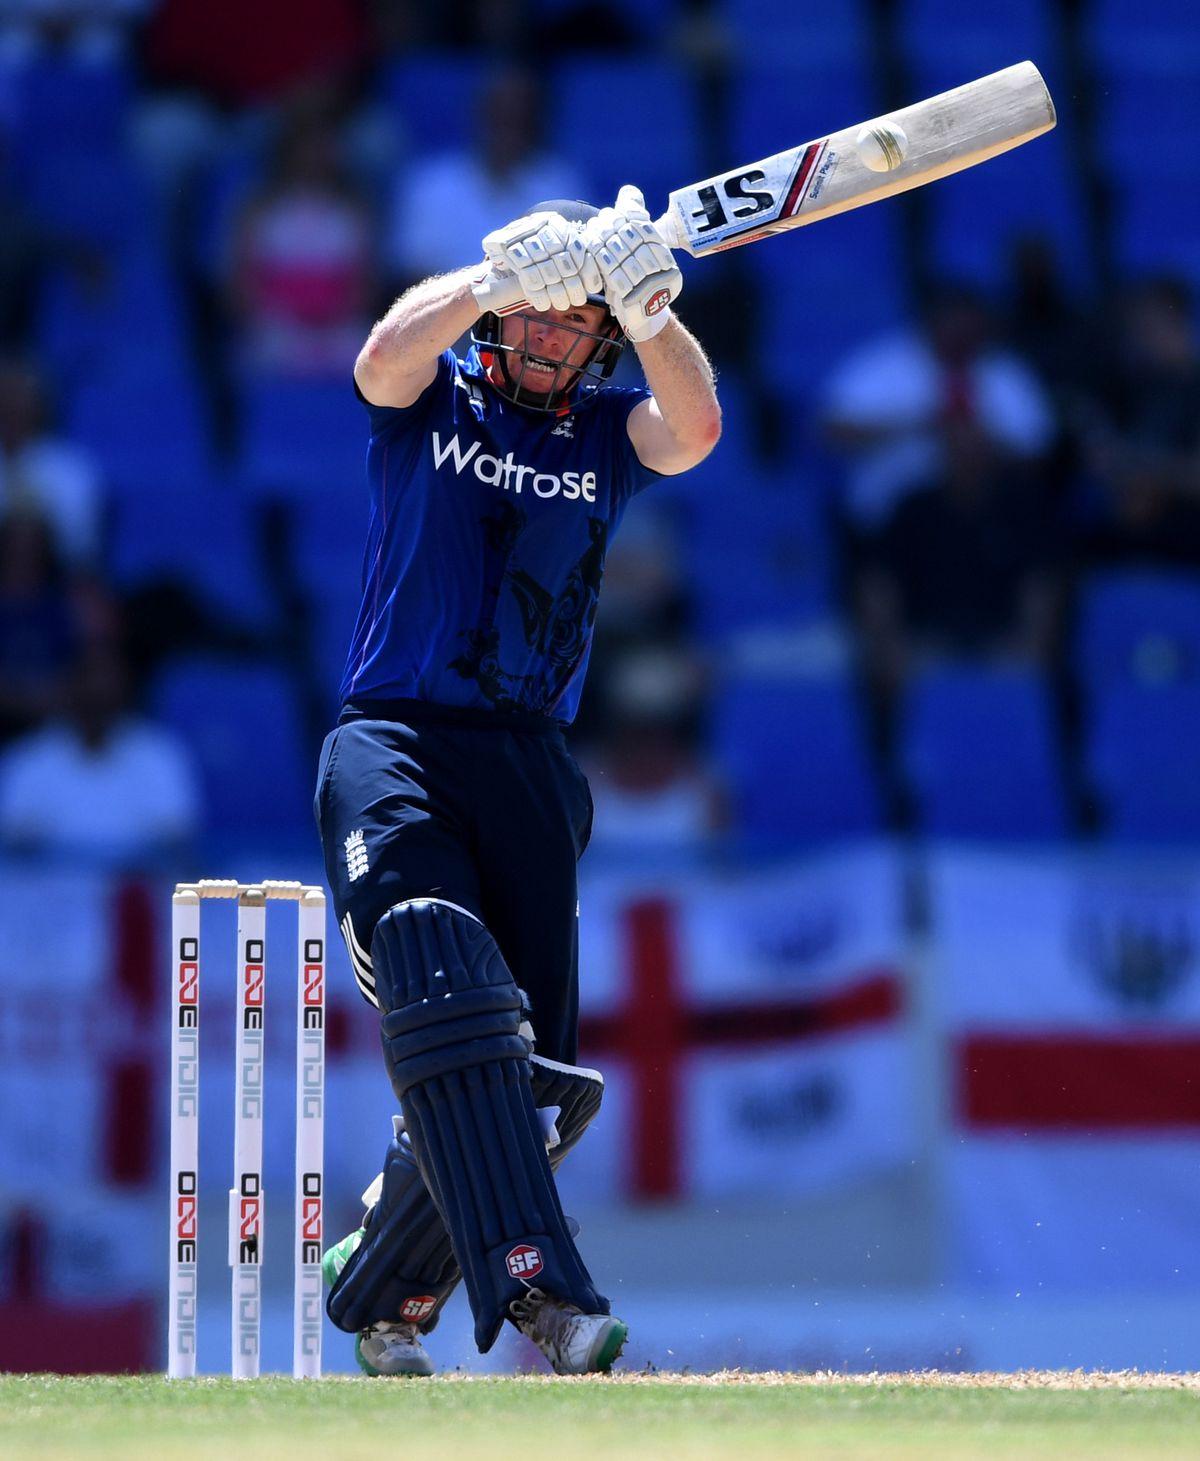 West Indies v England - 1st ODI